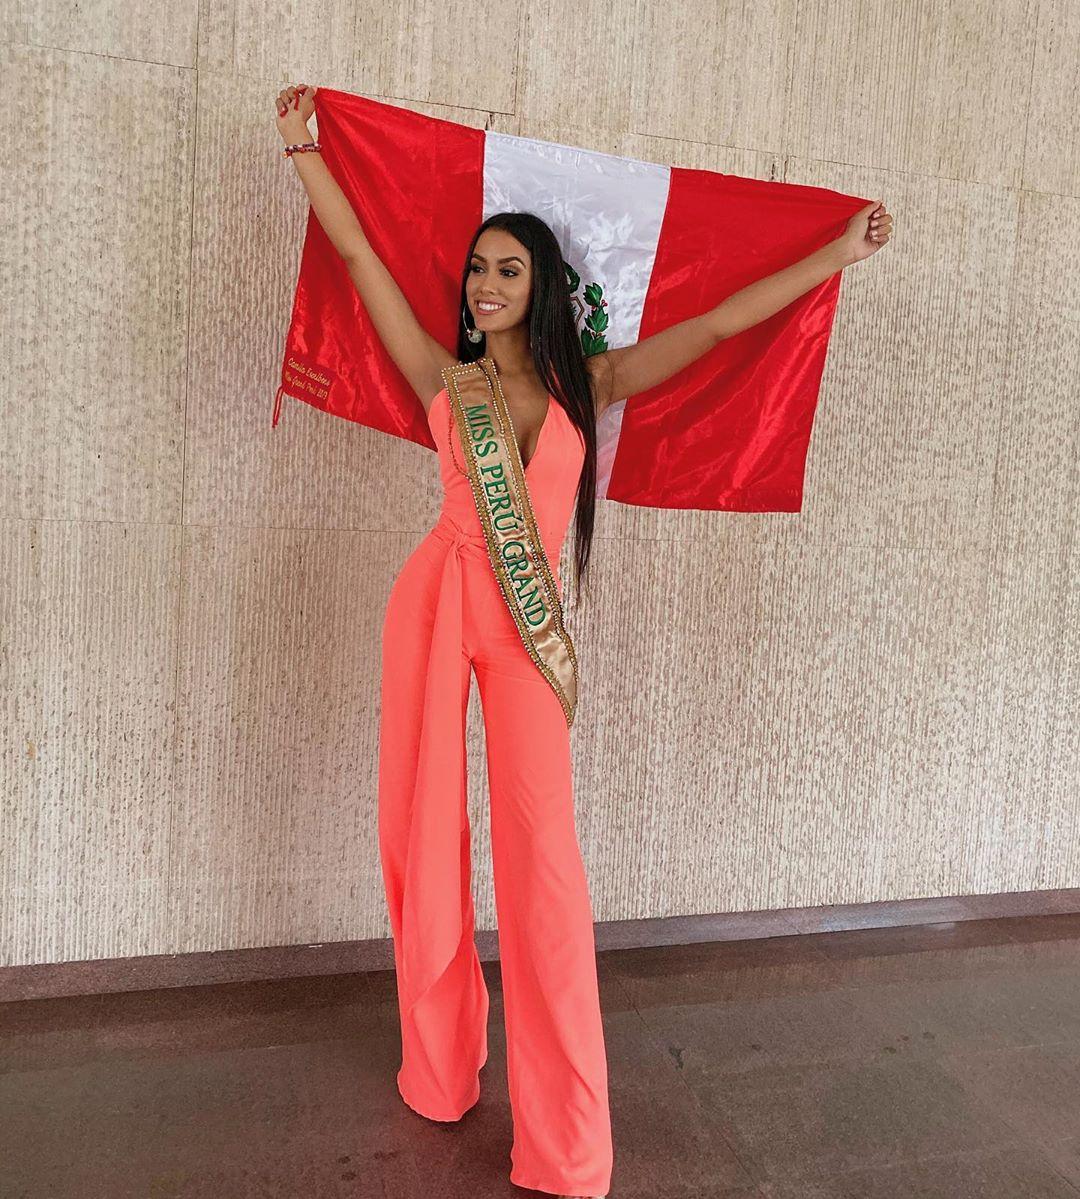 camila escribens, miss supranational peru 2020. - Página 4 72850310